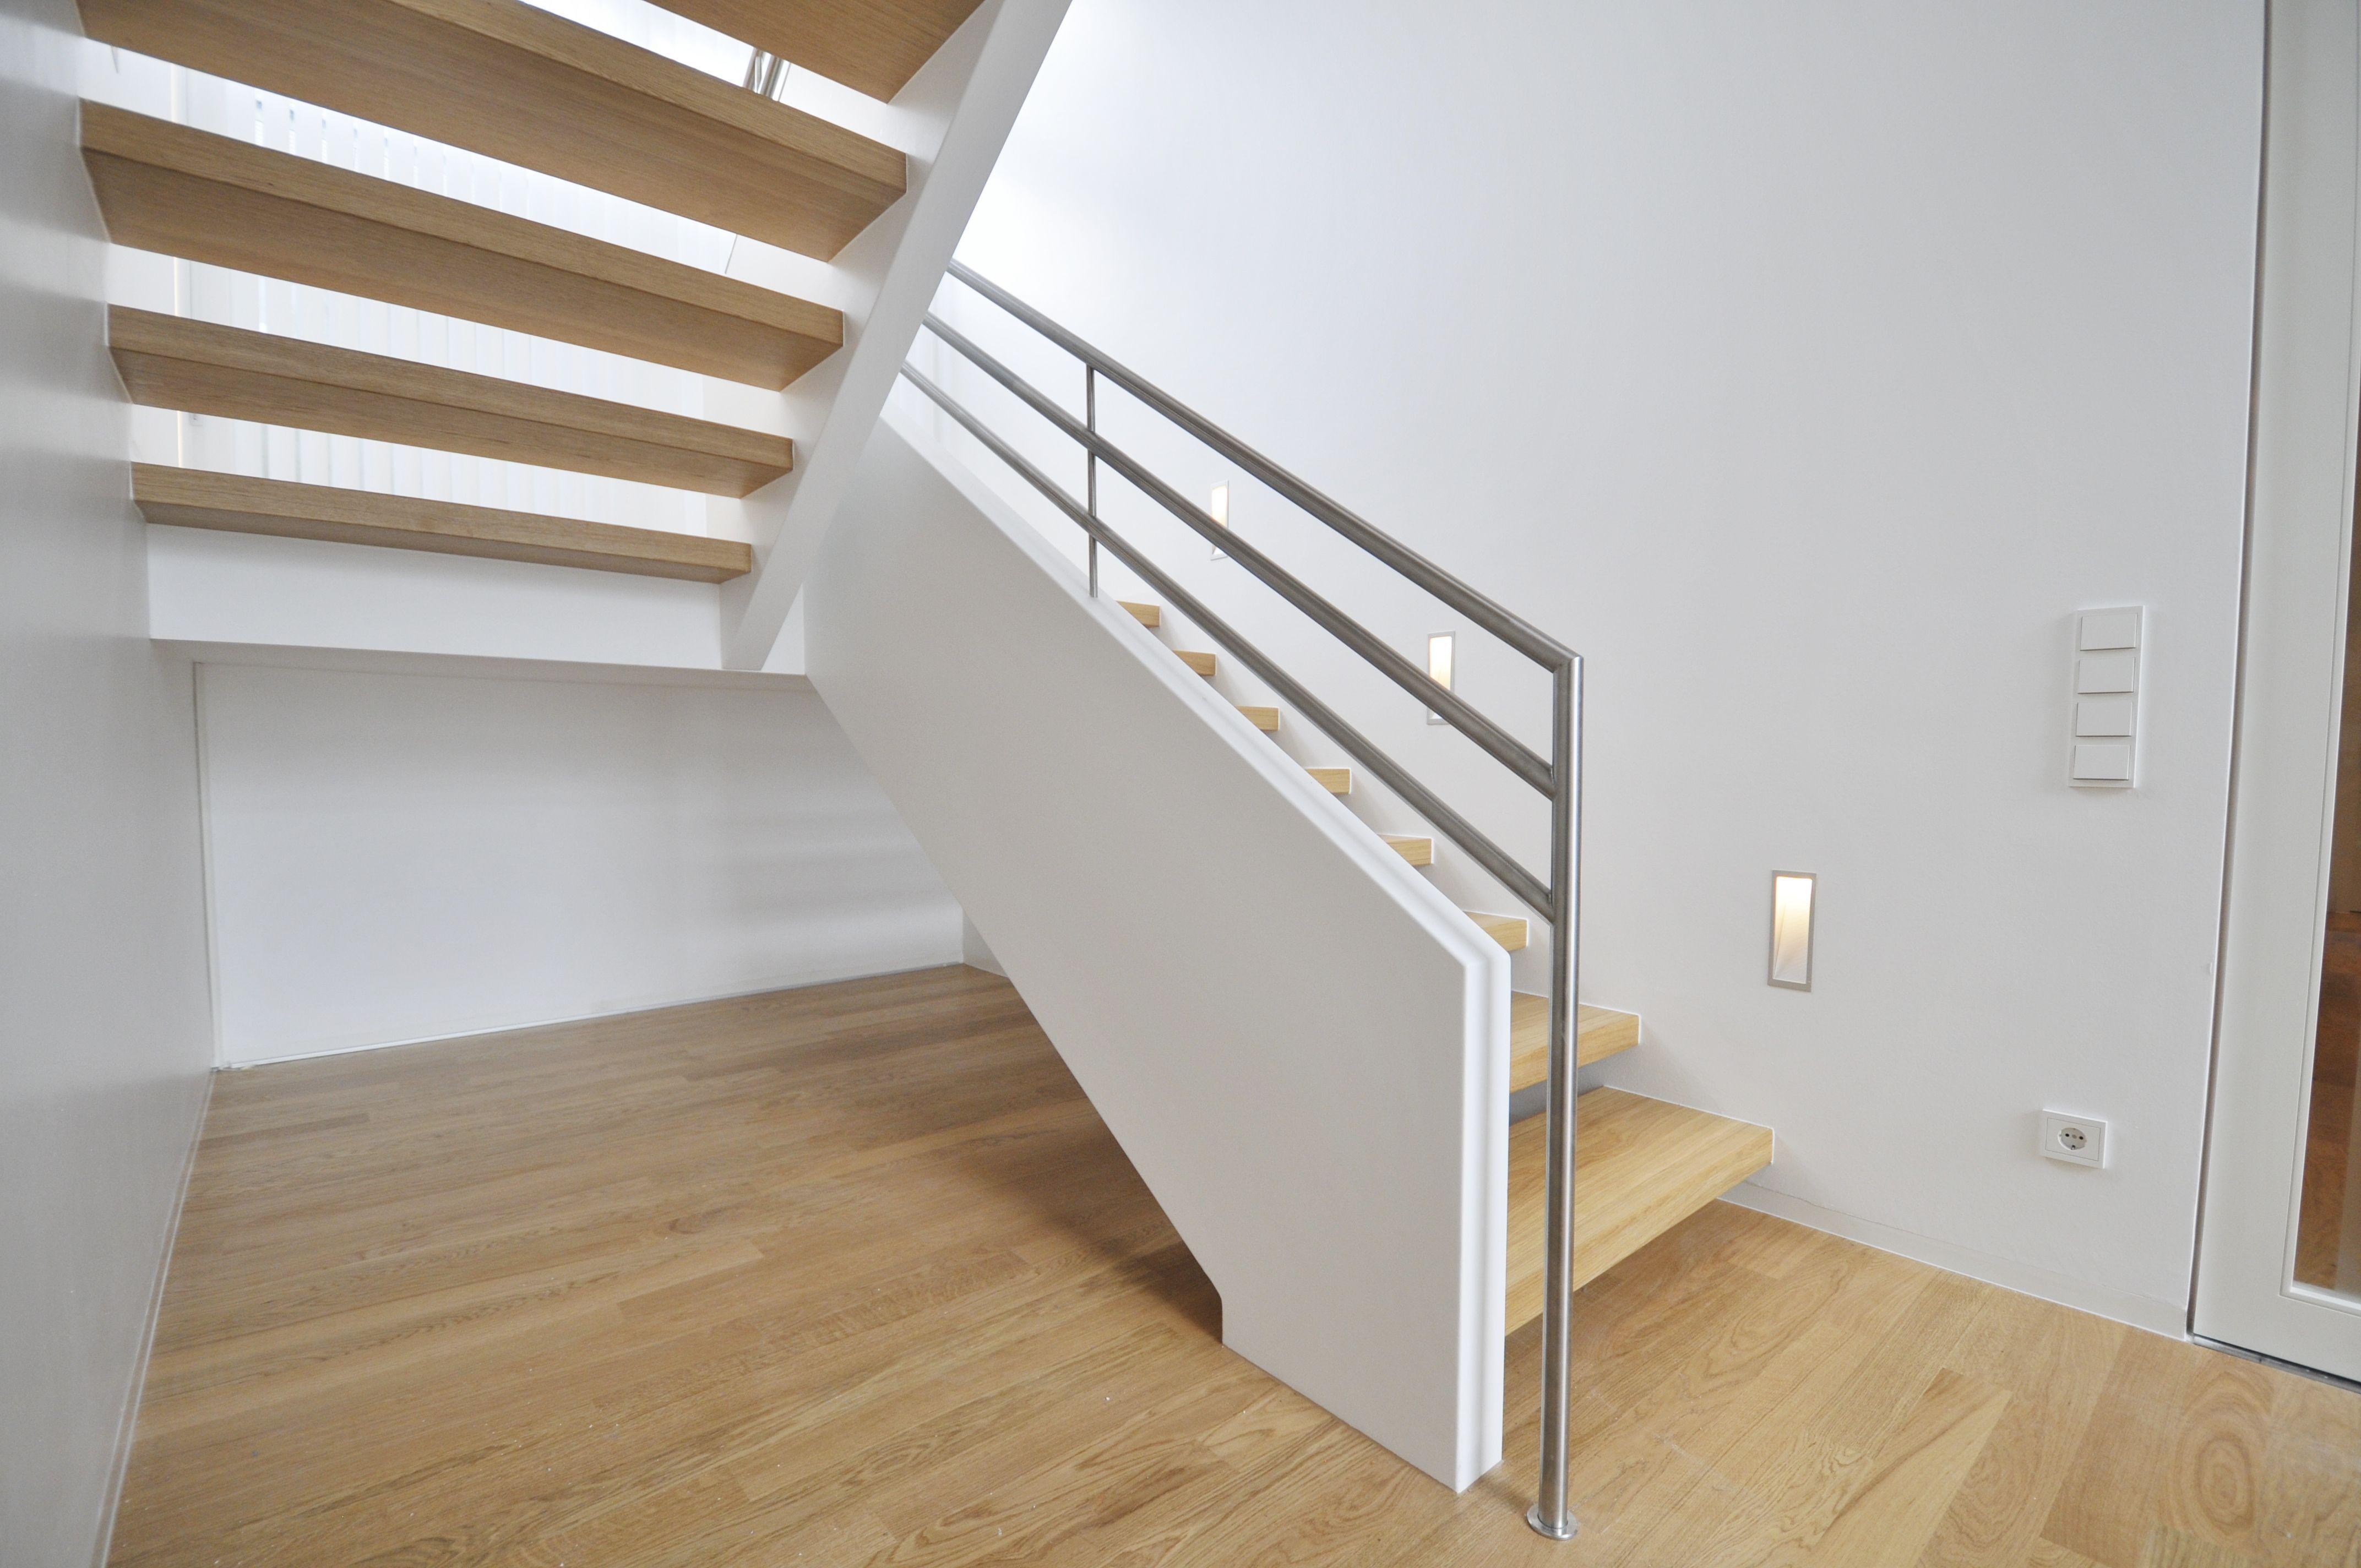 schreinerei becker beim mitgliedsunternehmen schreinerei becker trifft bei der. Black Bedroom Furniture Sets. Home Design Ideas